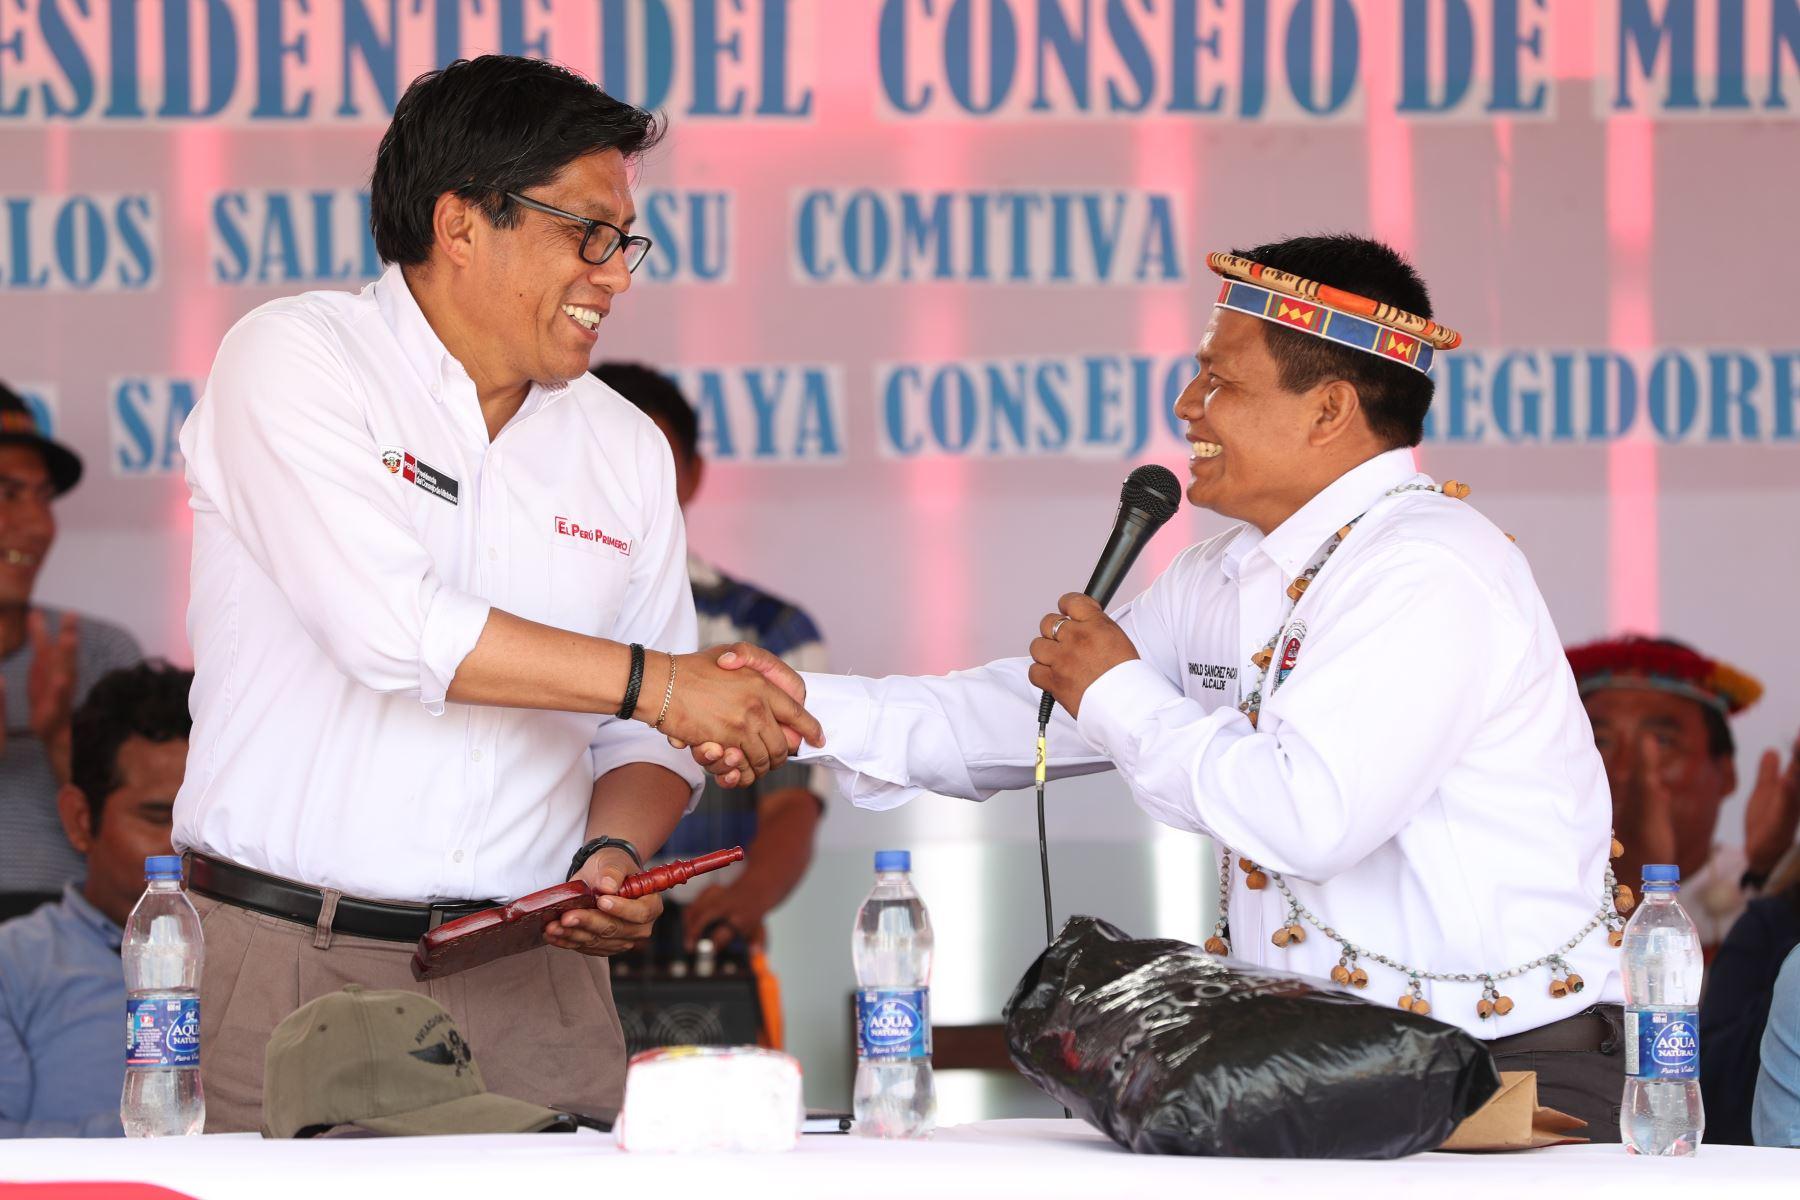 Presidente del Consejo de Ministros, Vicente Zeballos Salinas, realizó visita de trabajo en distrito Teniente Manuel Clavero en la región Loreto. PCM